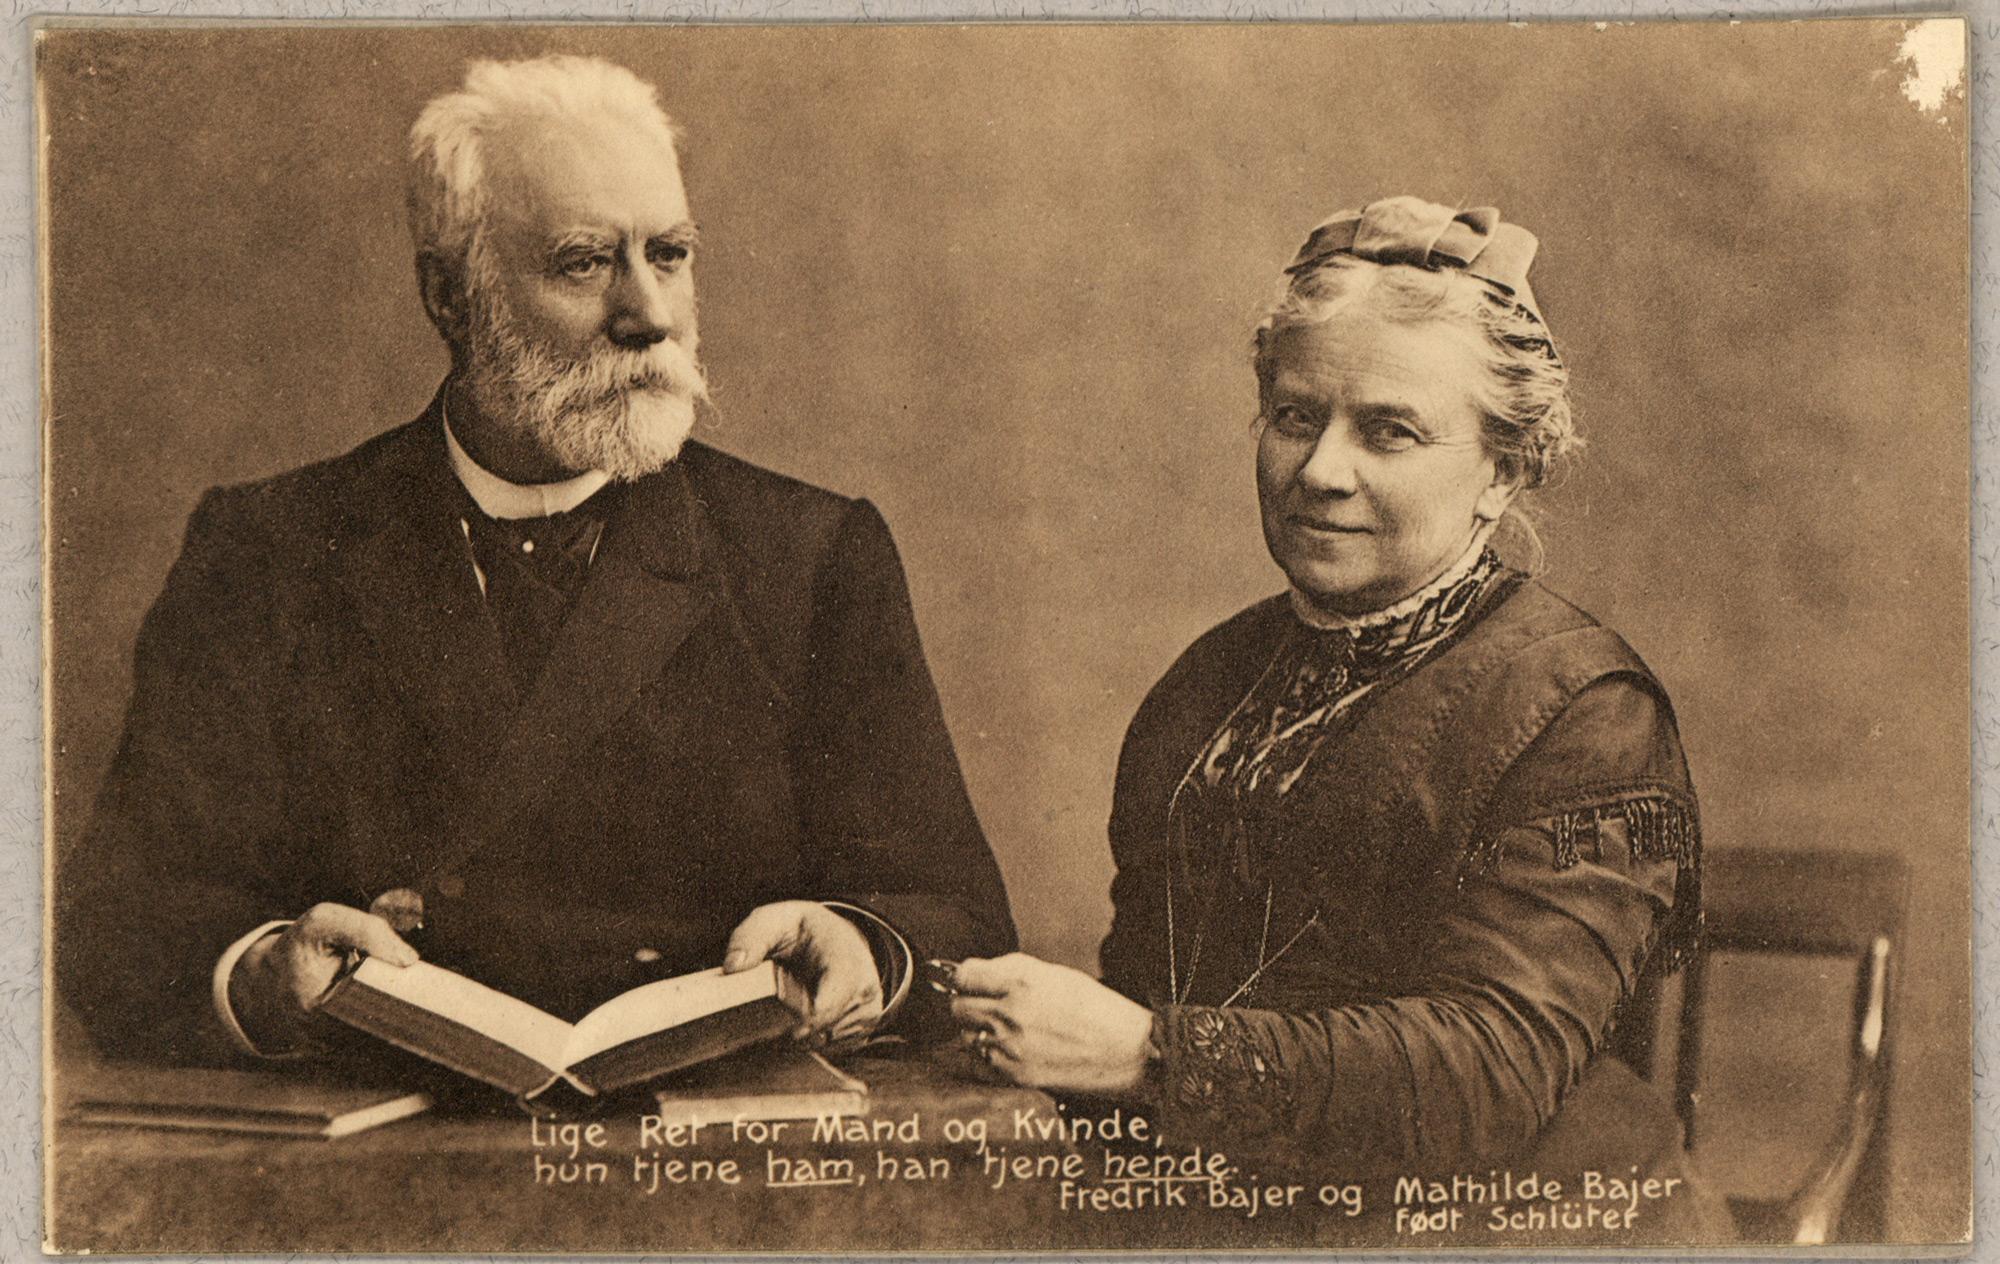 Frederik and Mathilde Bajer